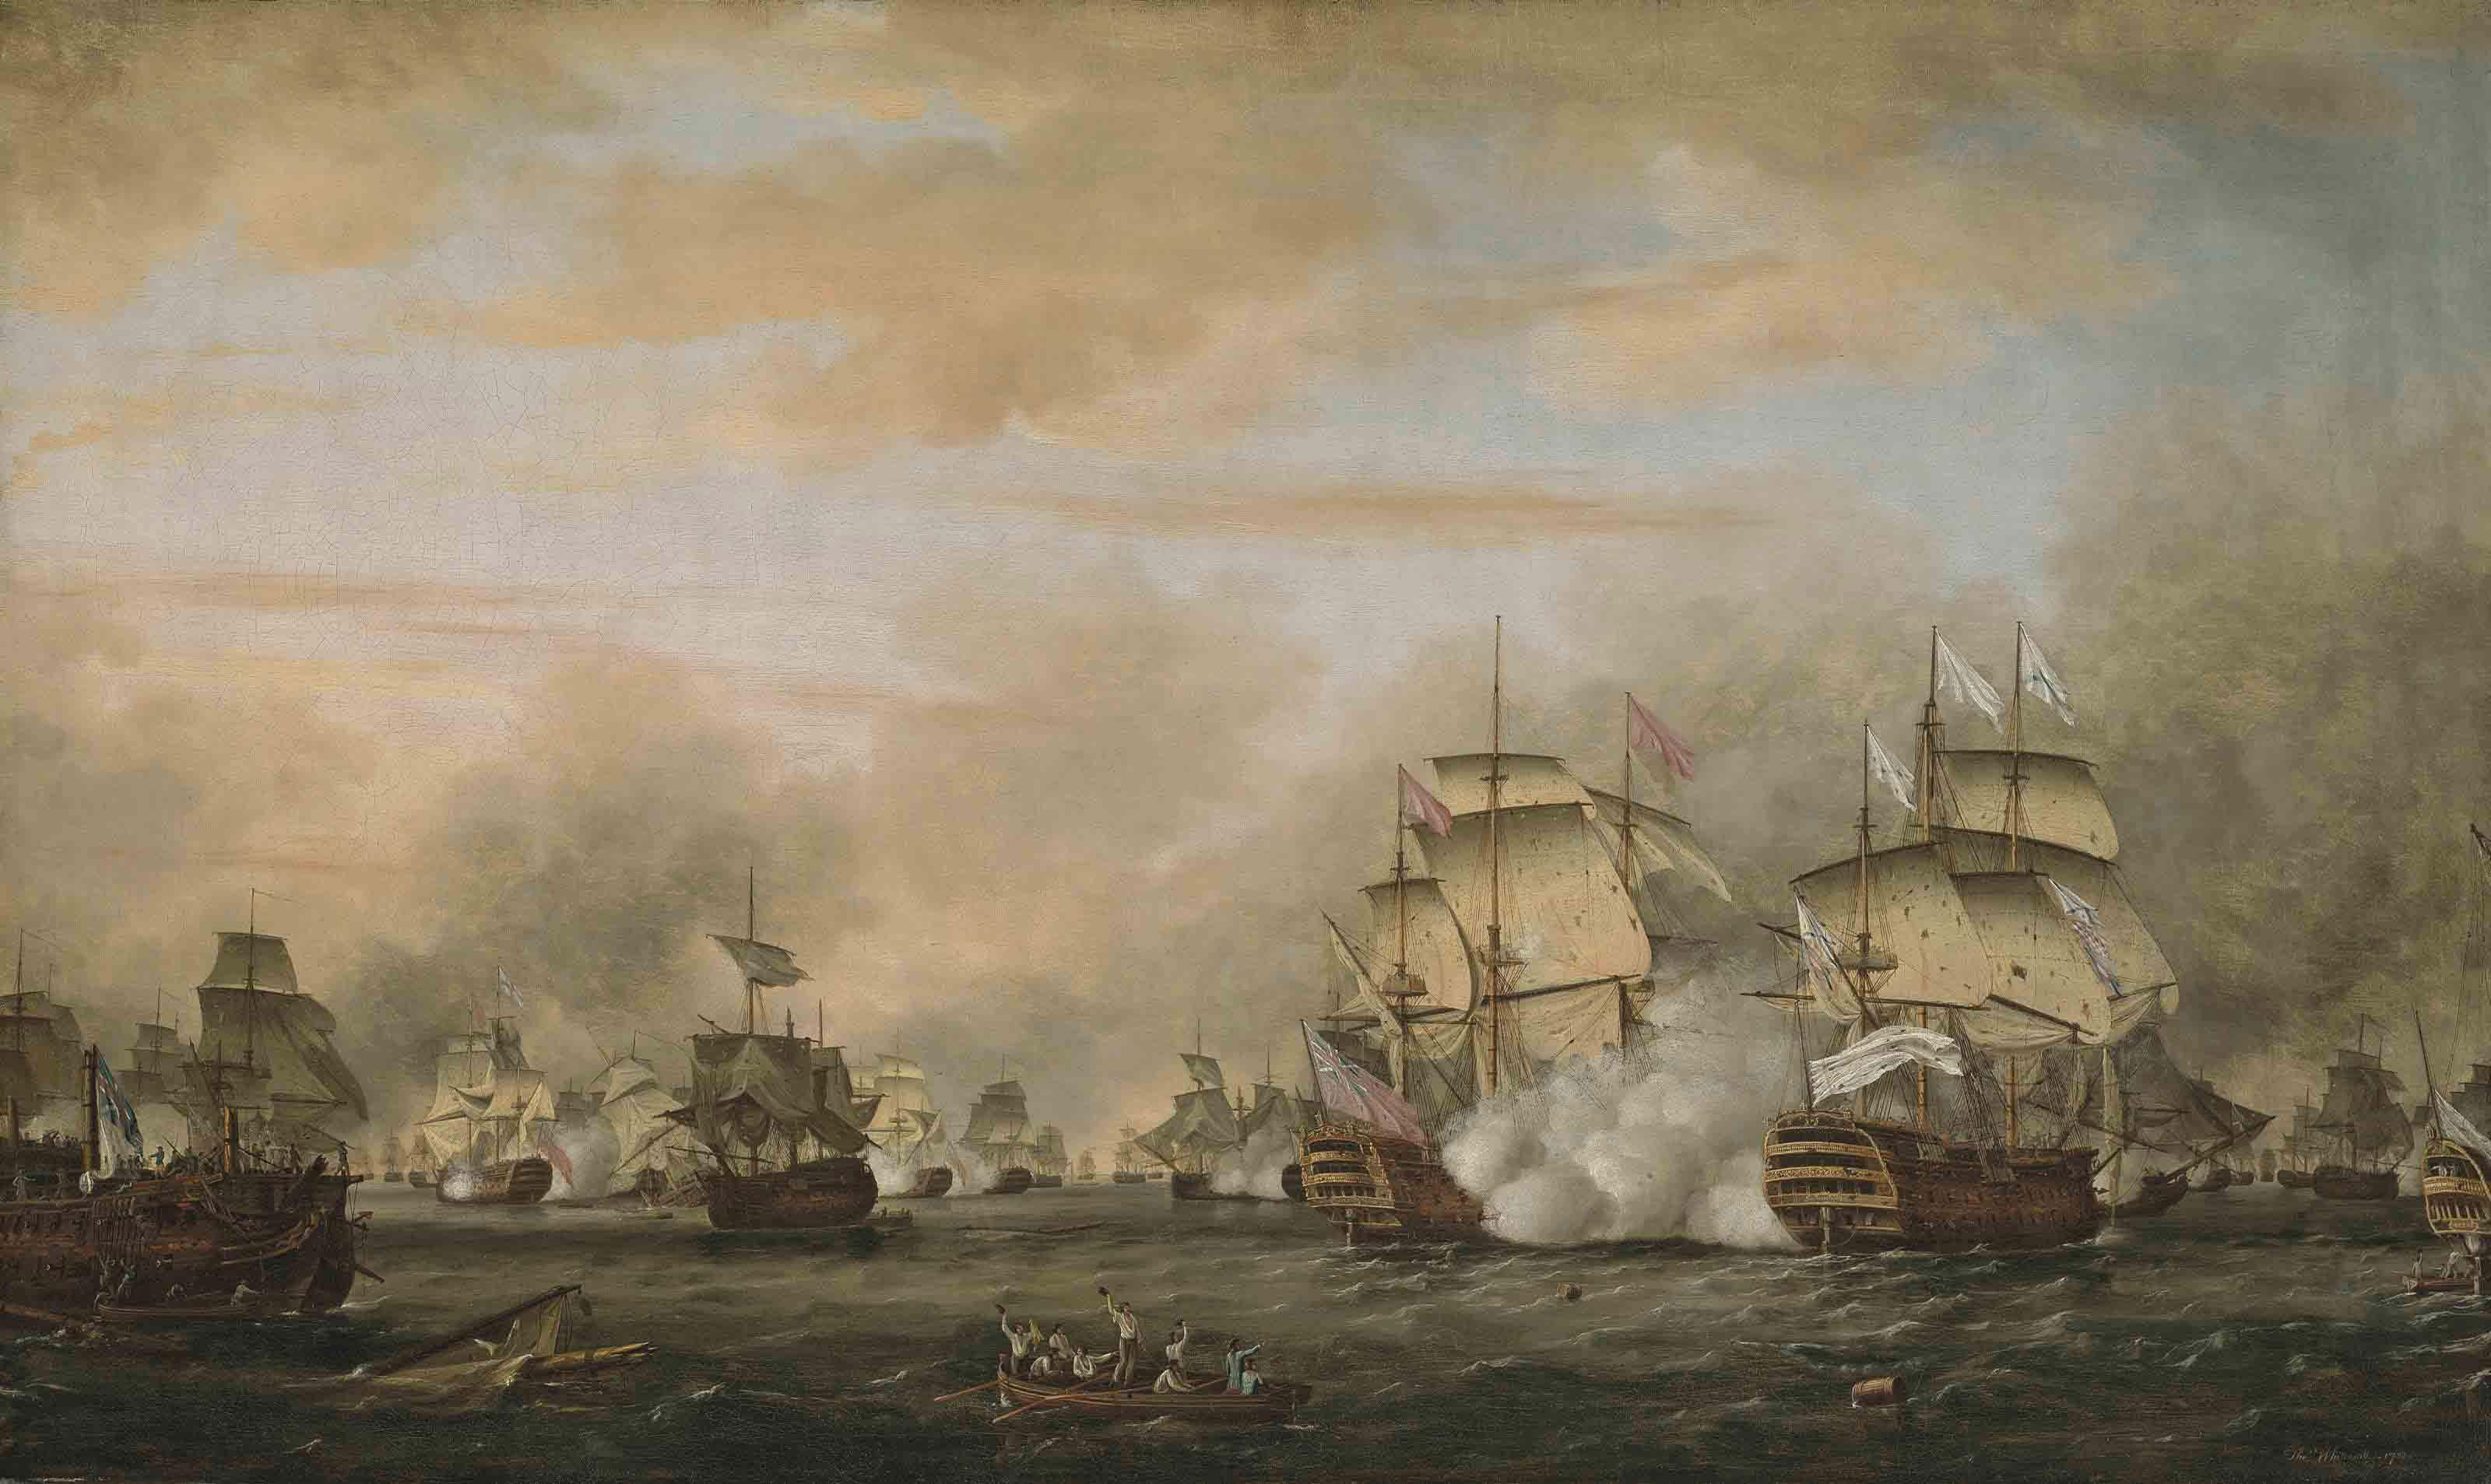 The Battle of the Saintes, 9-12 April 1782